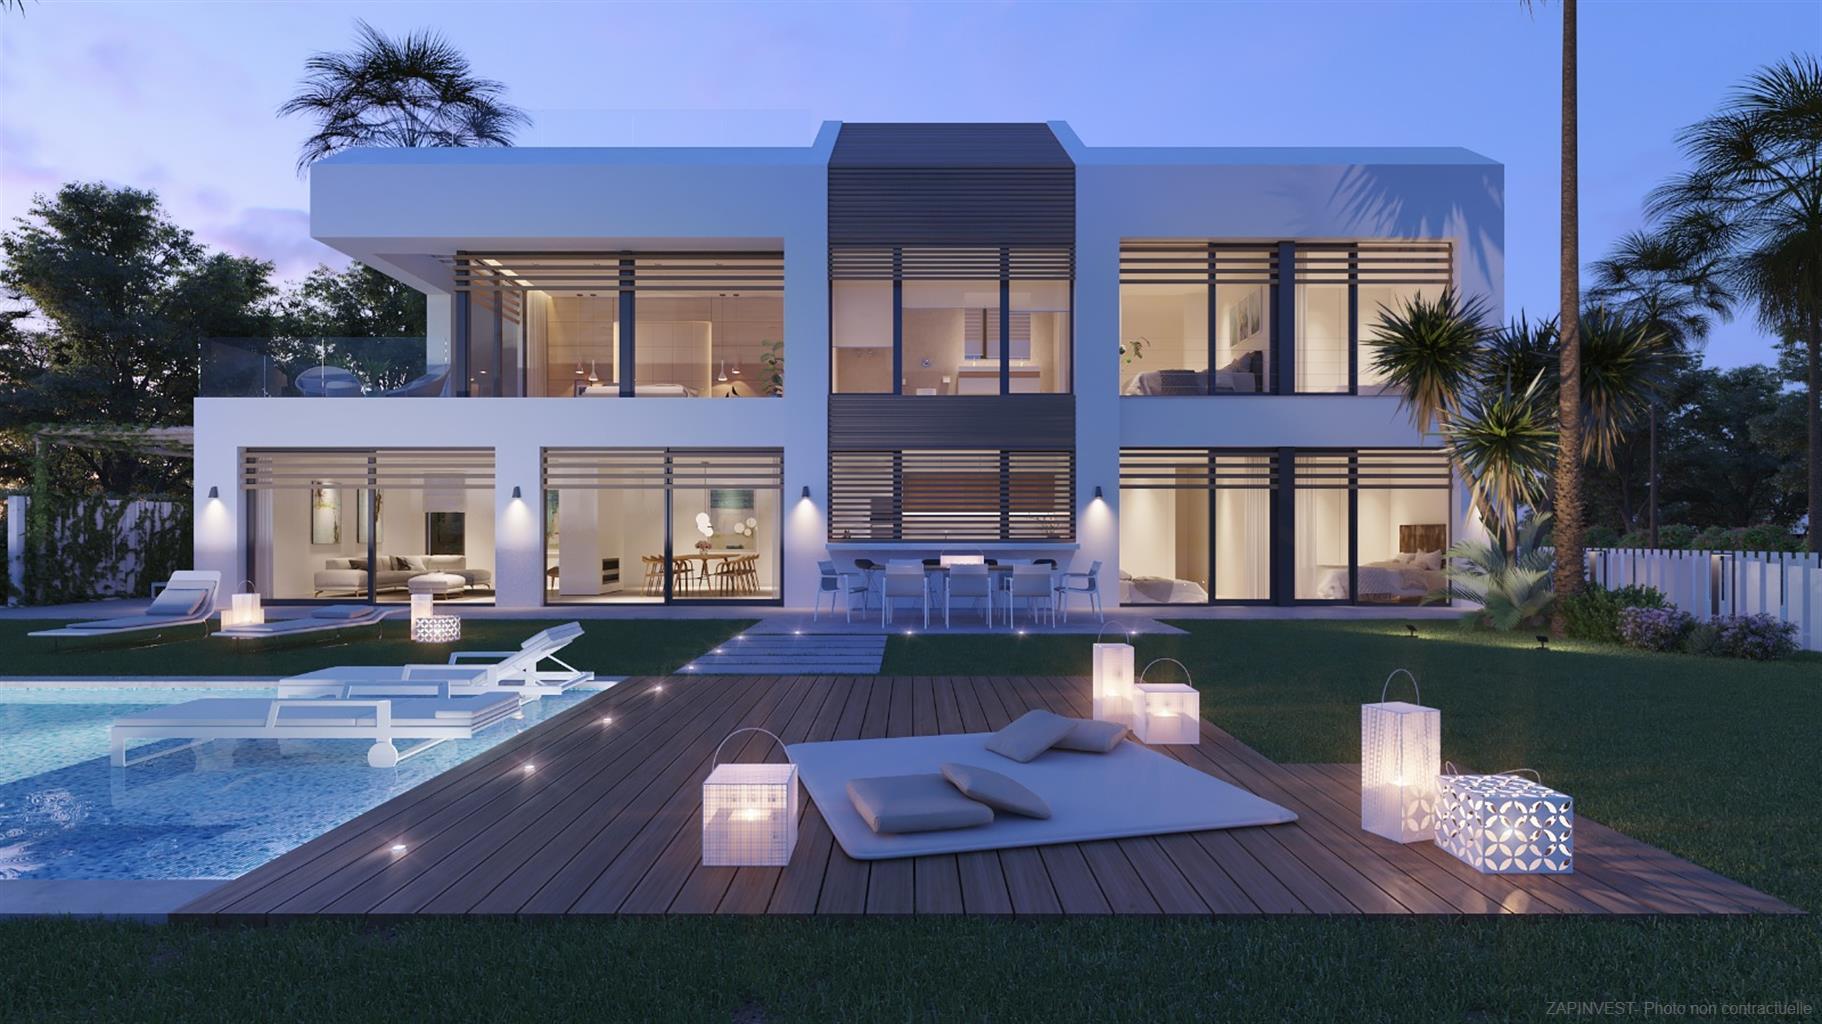 Villa de luxe, innovante et spectaculaire, de cinq chambres, piscine extérieure, intérieure et jacuzzi, ascenseur, barbecue et en première ligne de mer.